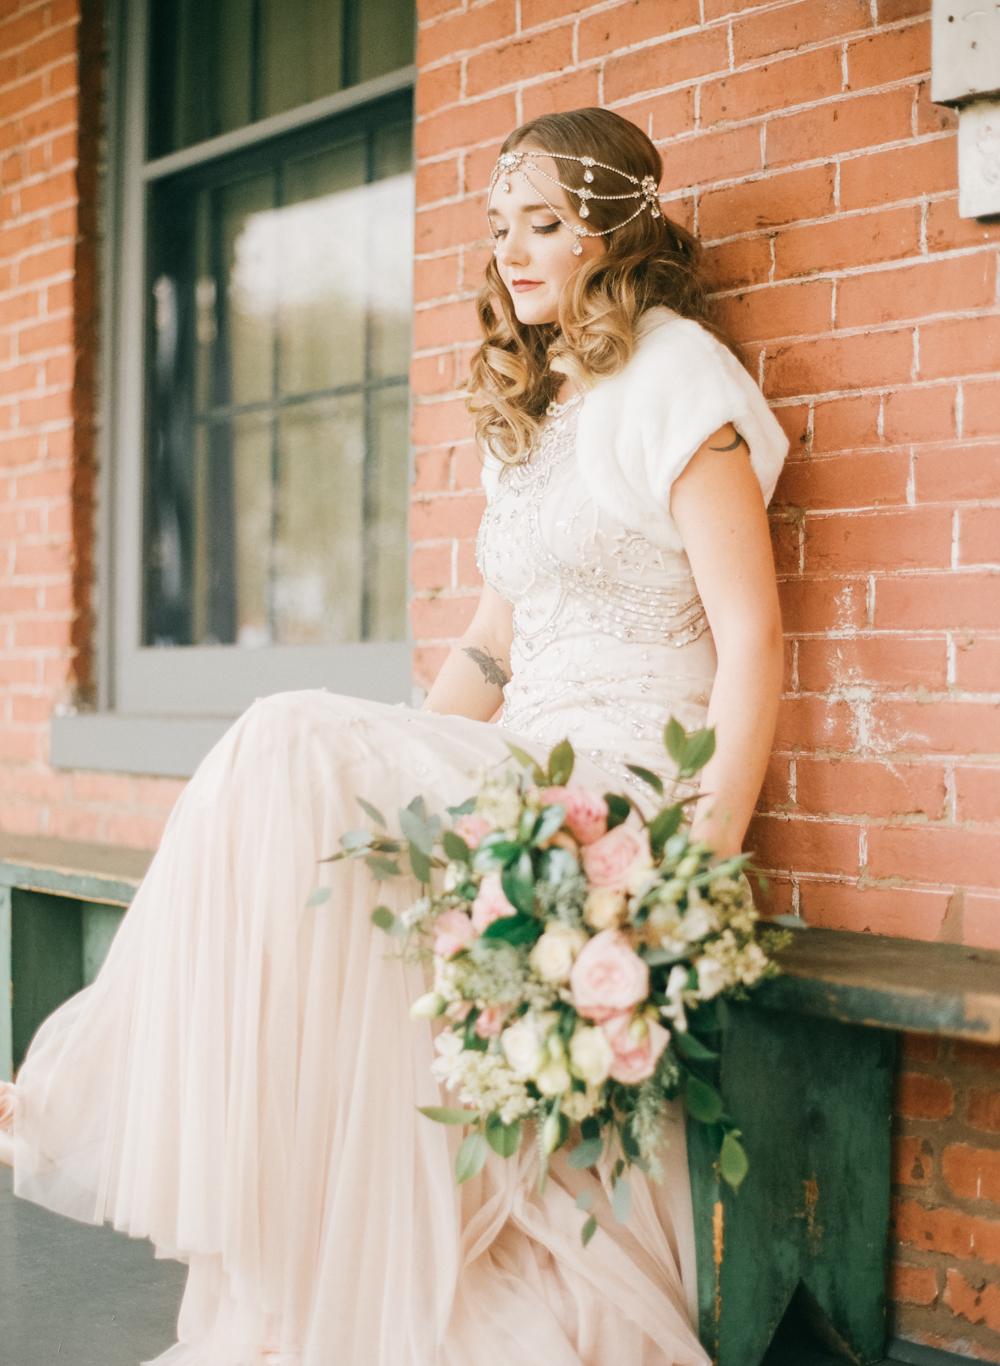 bardenay wedding venue boise-35.jpg